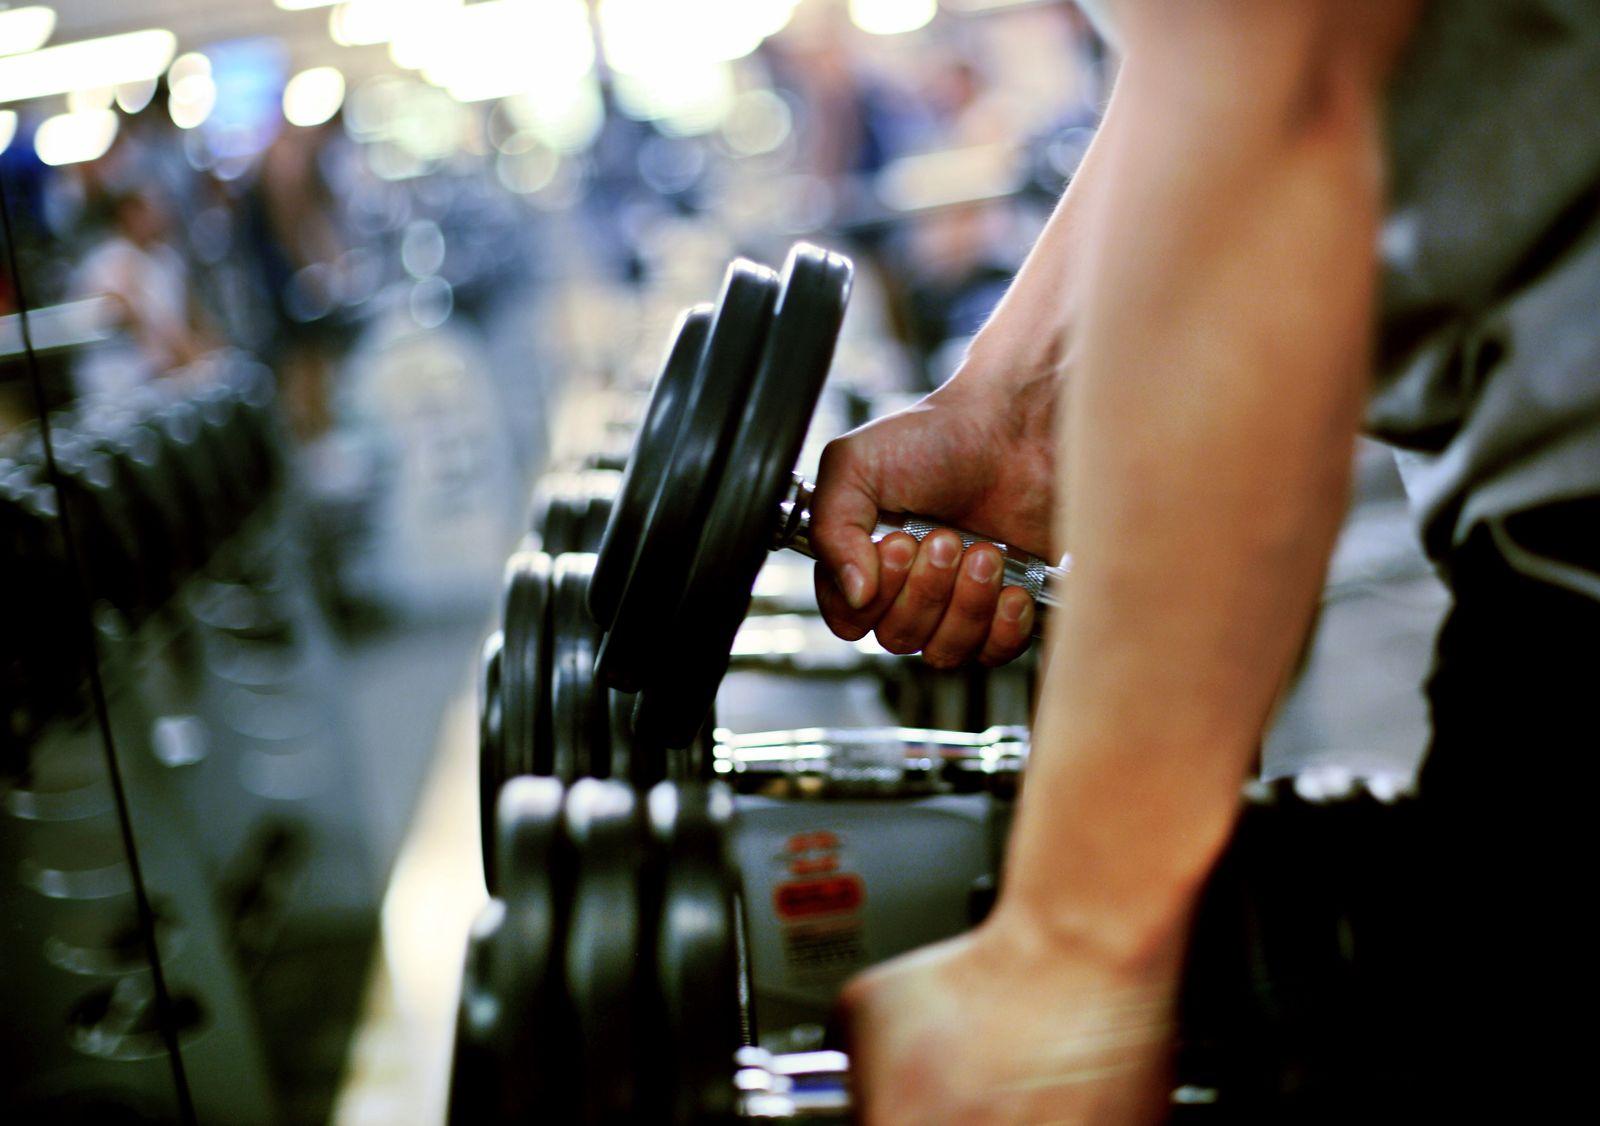 Fitnessstudio / Hanteln / Bodybuilding